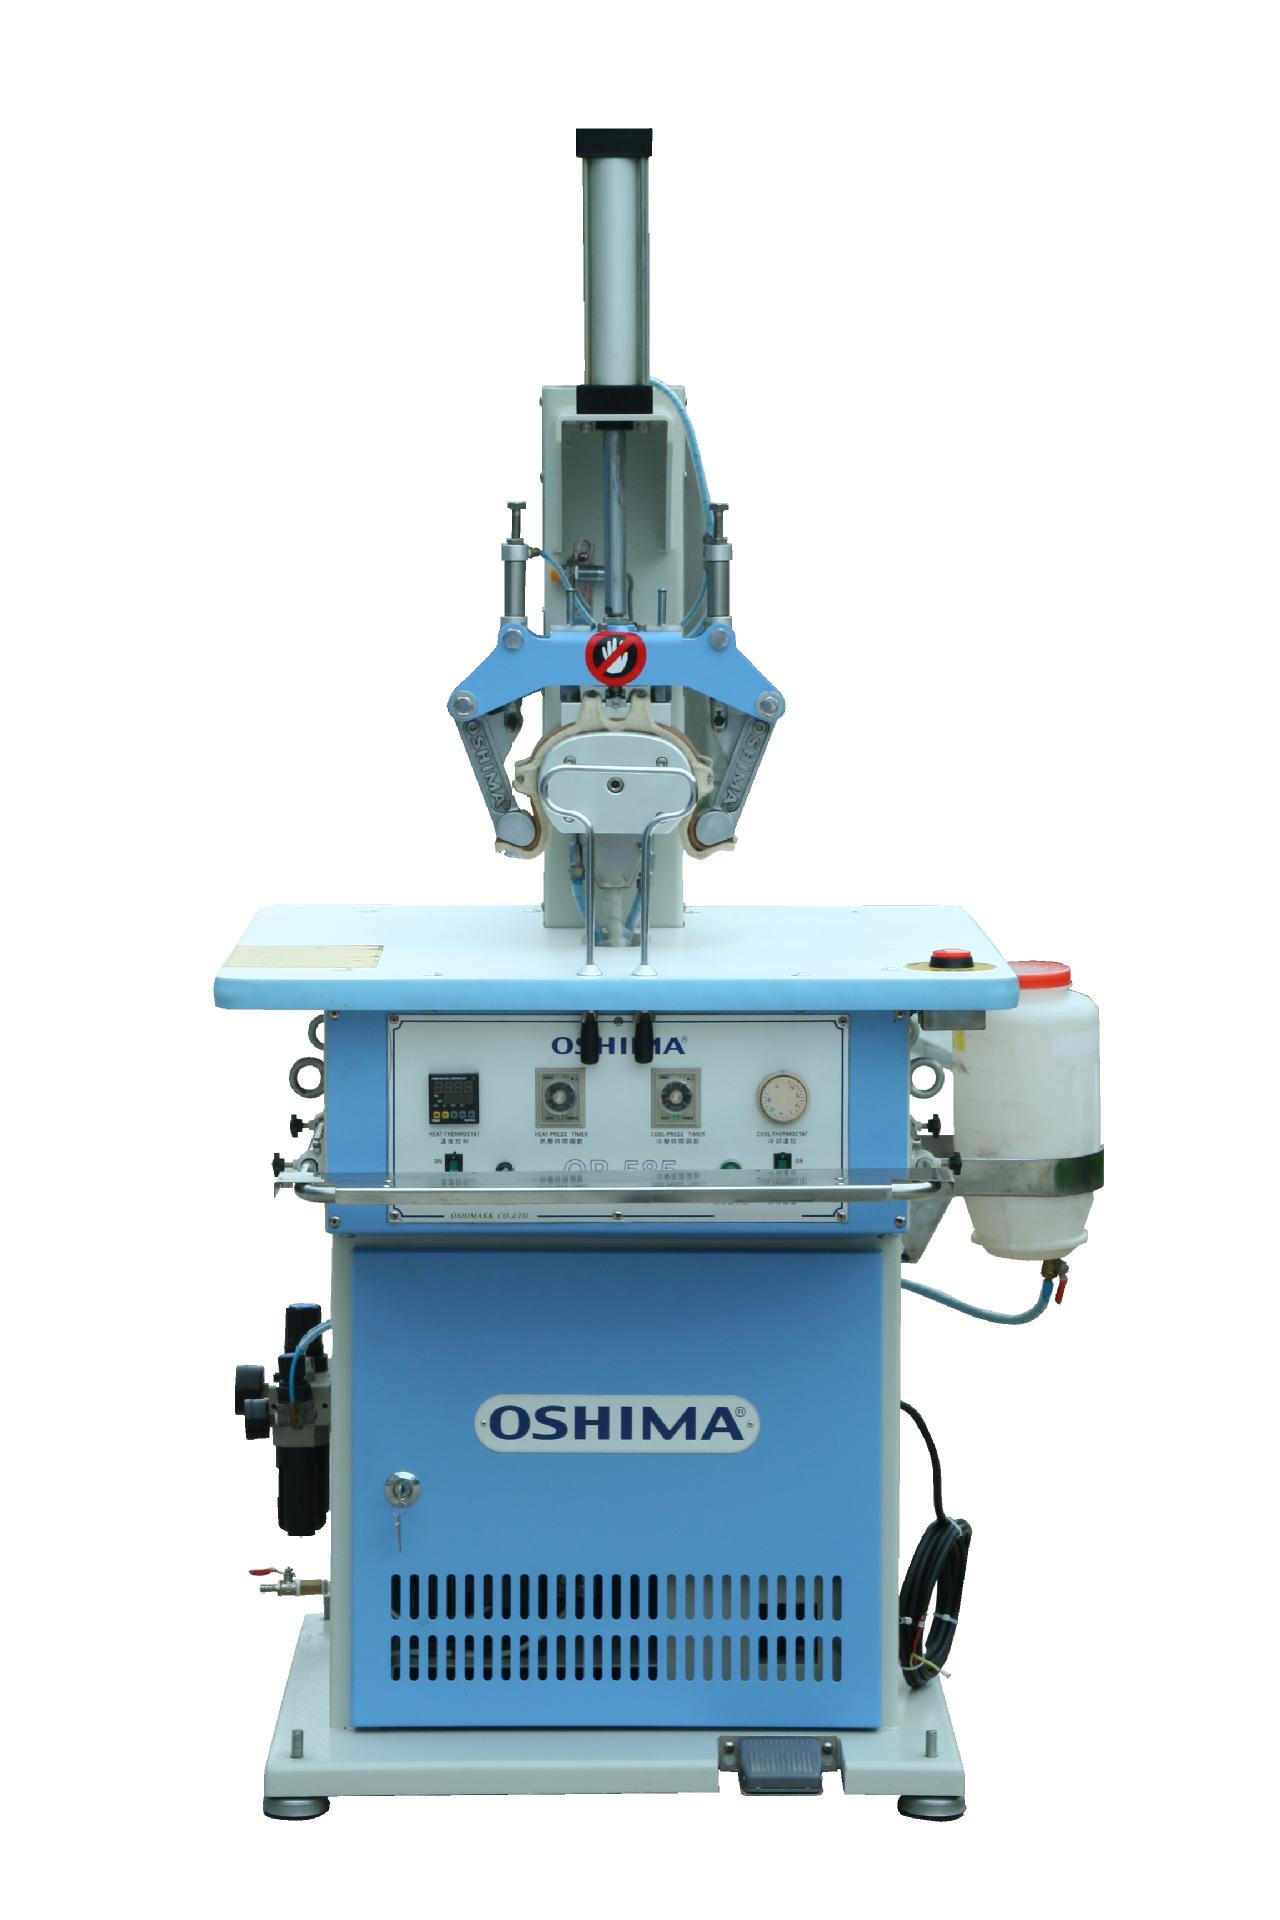 欧西玛牌 领圈定型机/服装定型机/高温定型机 OP-585/5851